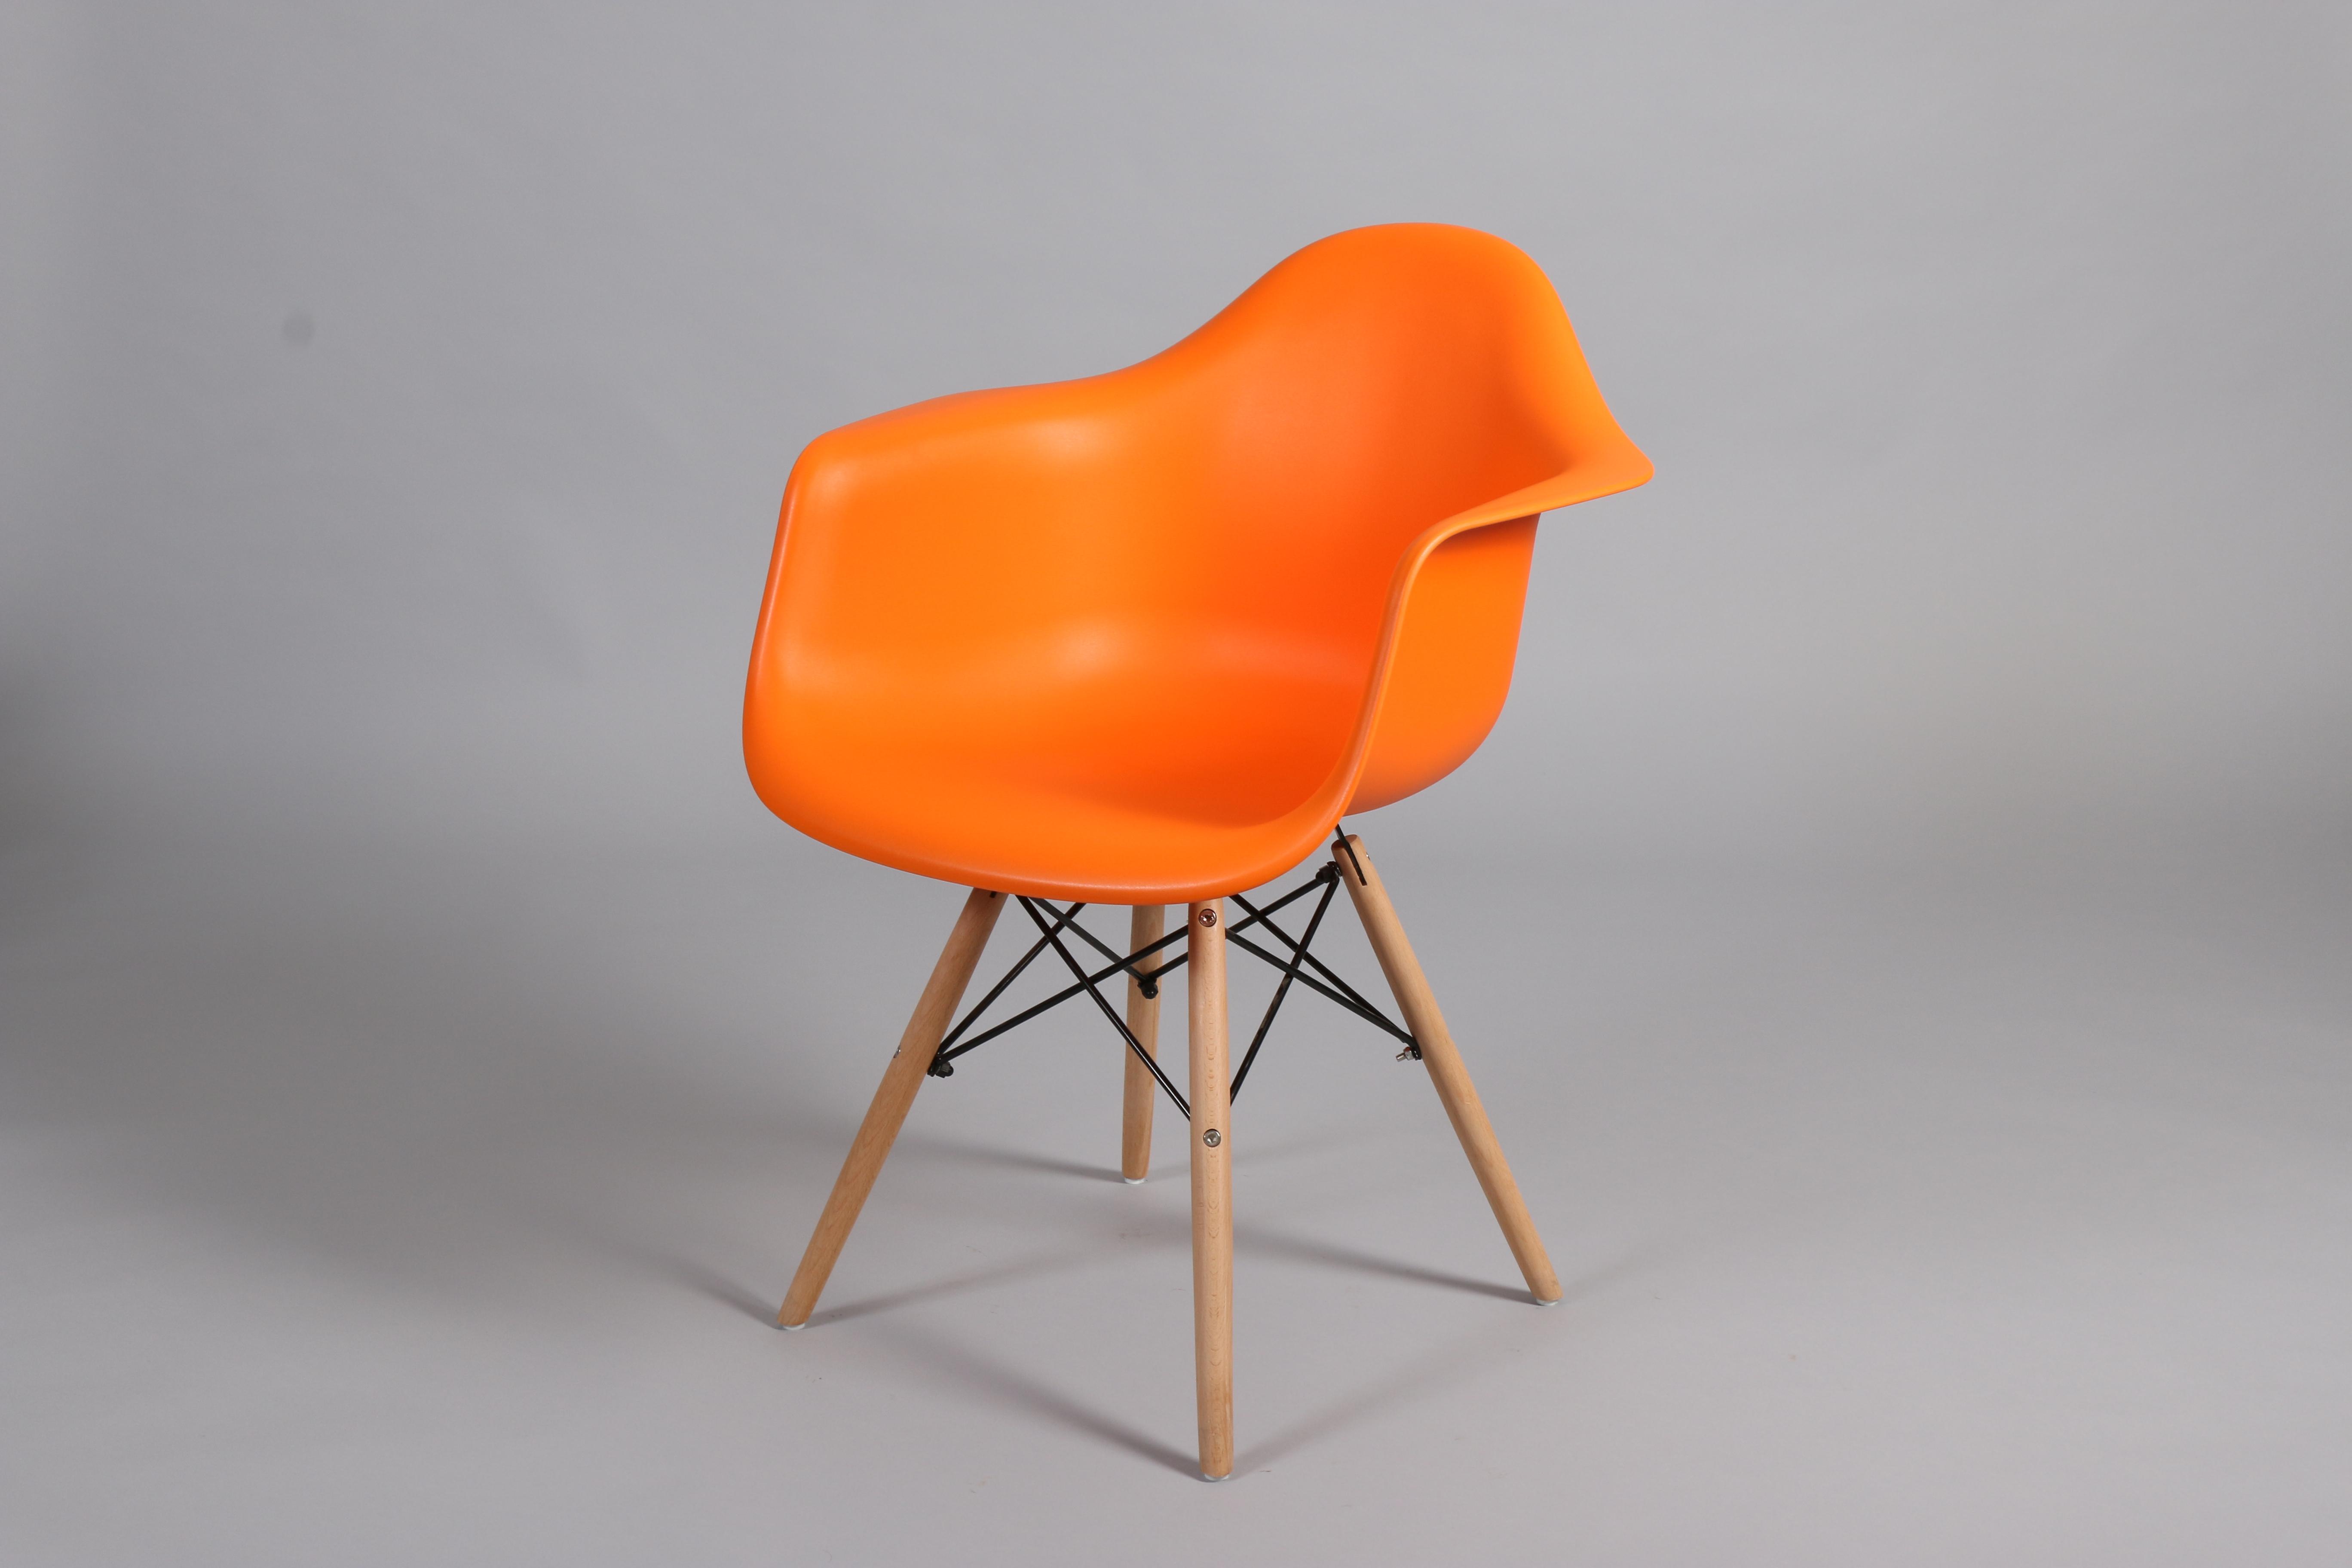 оранжев стол с пластмасова седалка и дървени крака